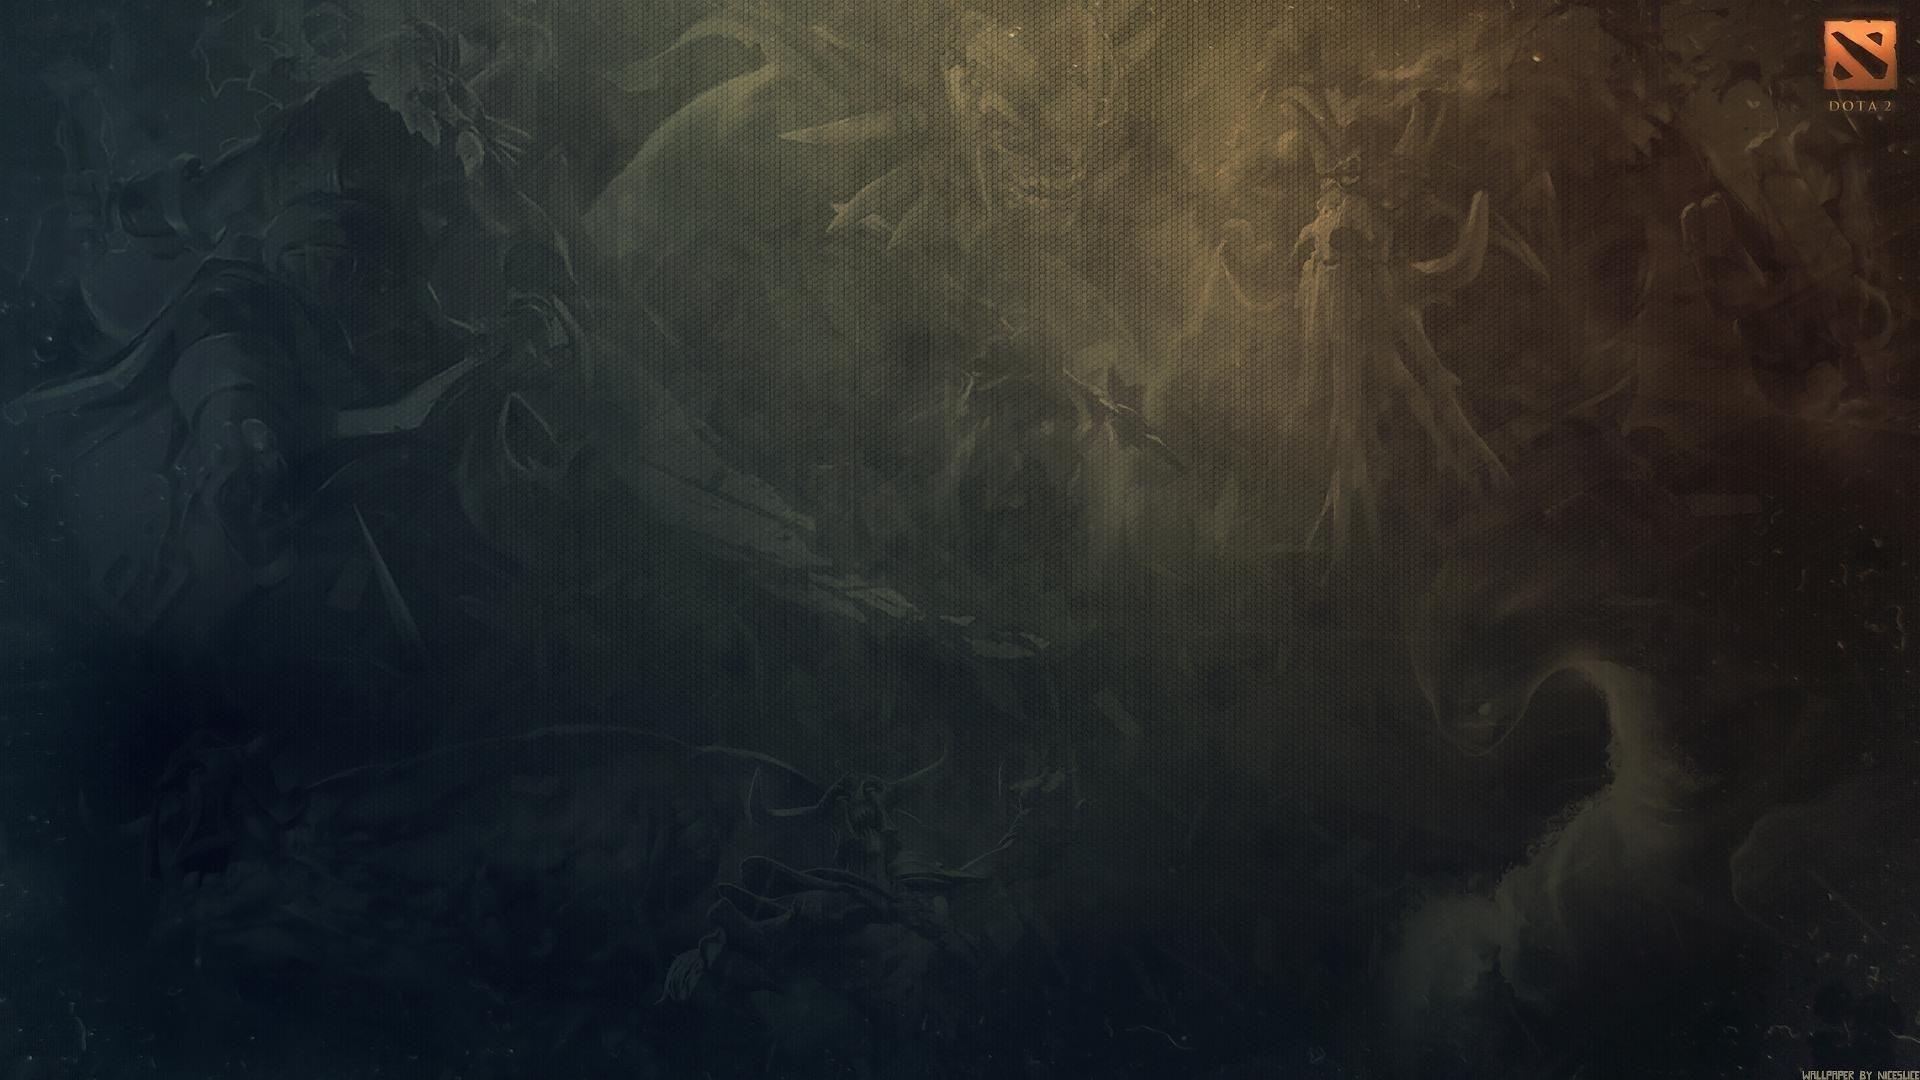 dota-dark-wallpaper-full-hd-wallpapers-1080p-dark-